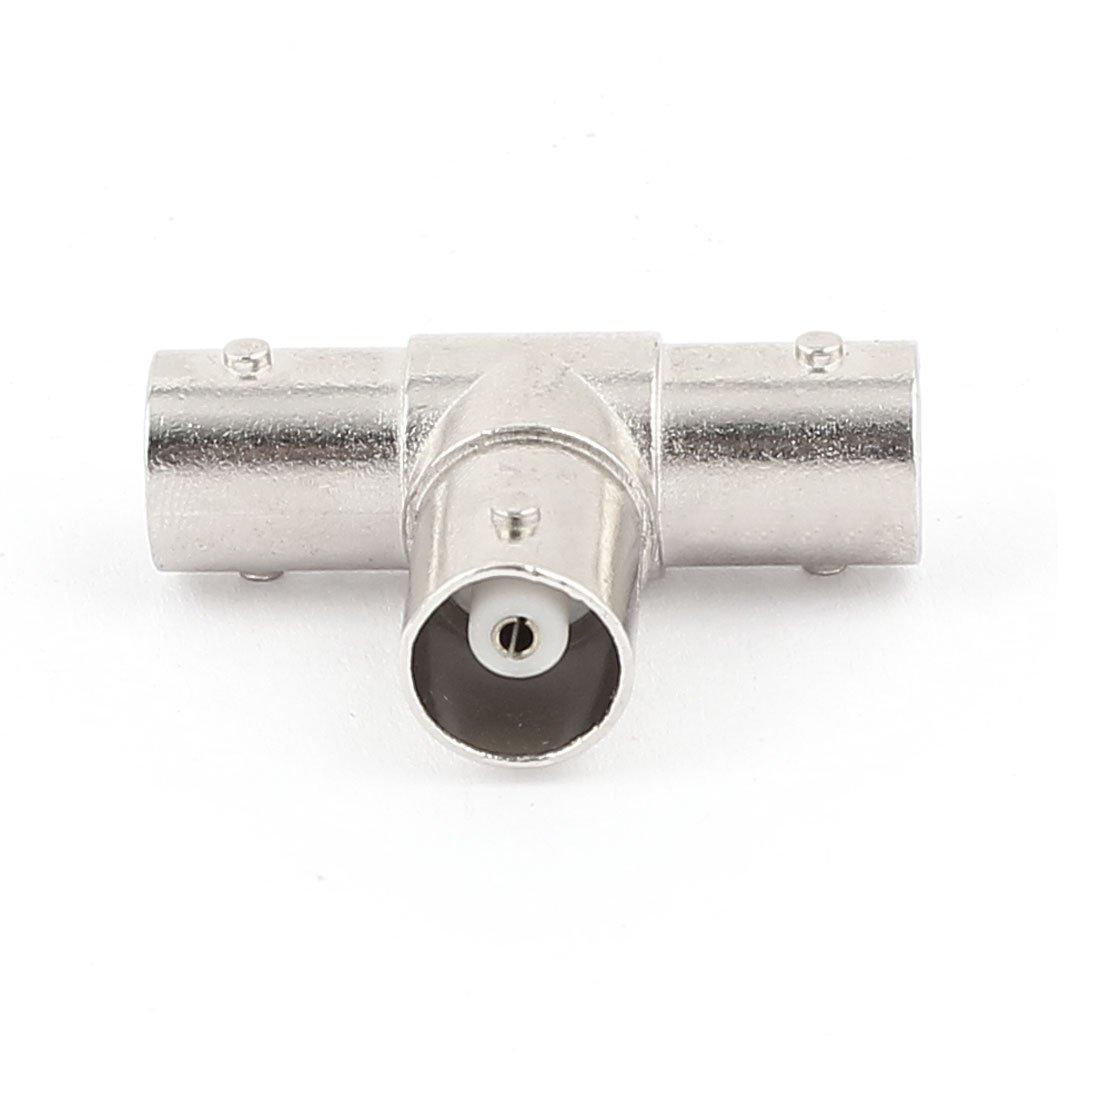 Amazon.com: eDealMax BNC hembra a adaptador de conector BNC hembra Doble T F/F Gato coaxial Línea Para la cámara de CCTV: Electronics